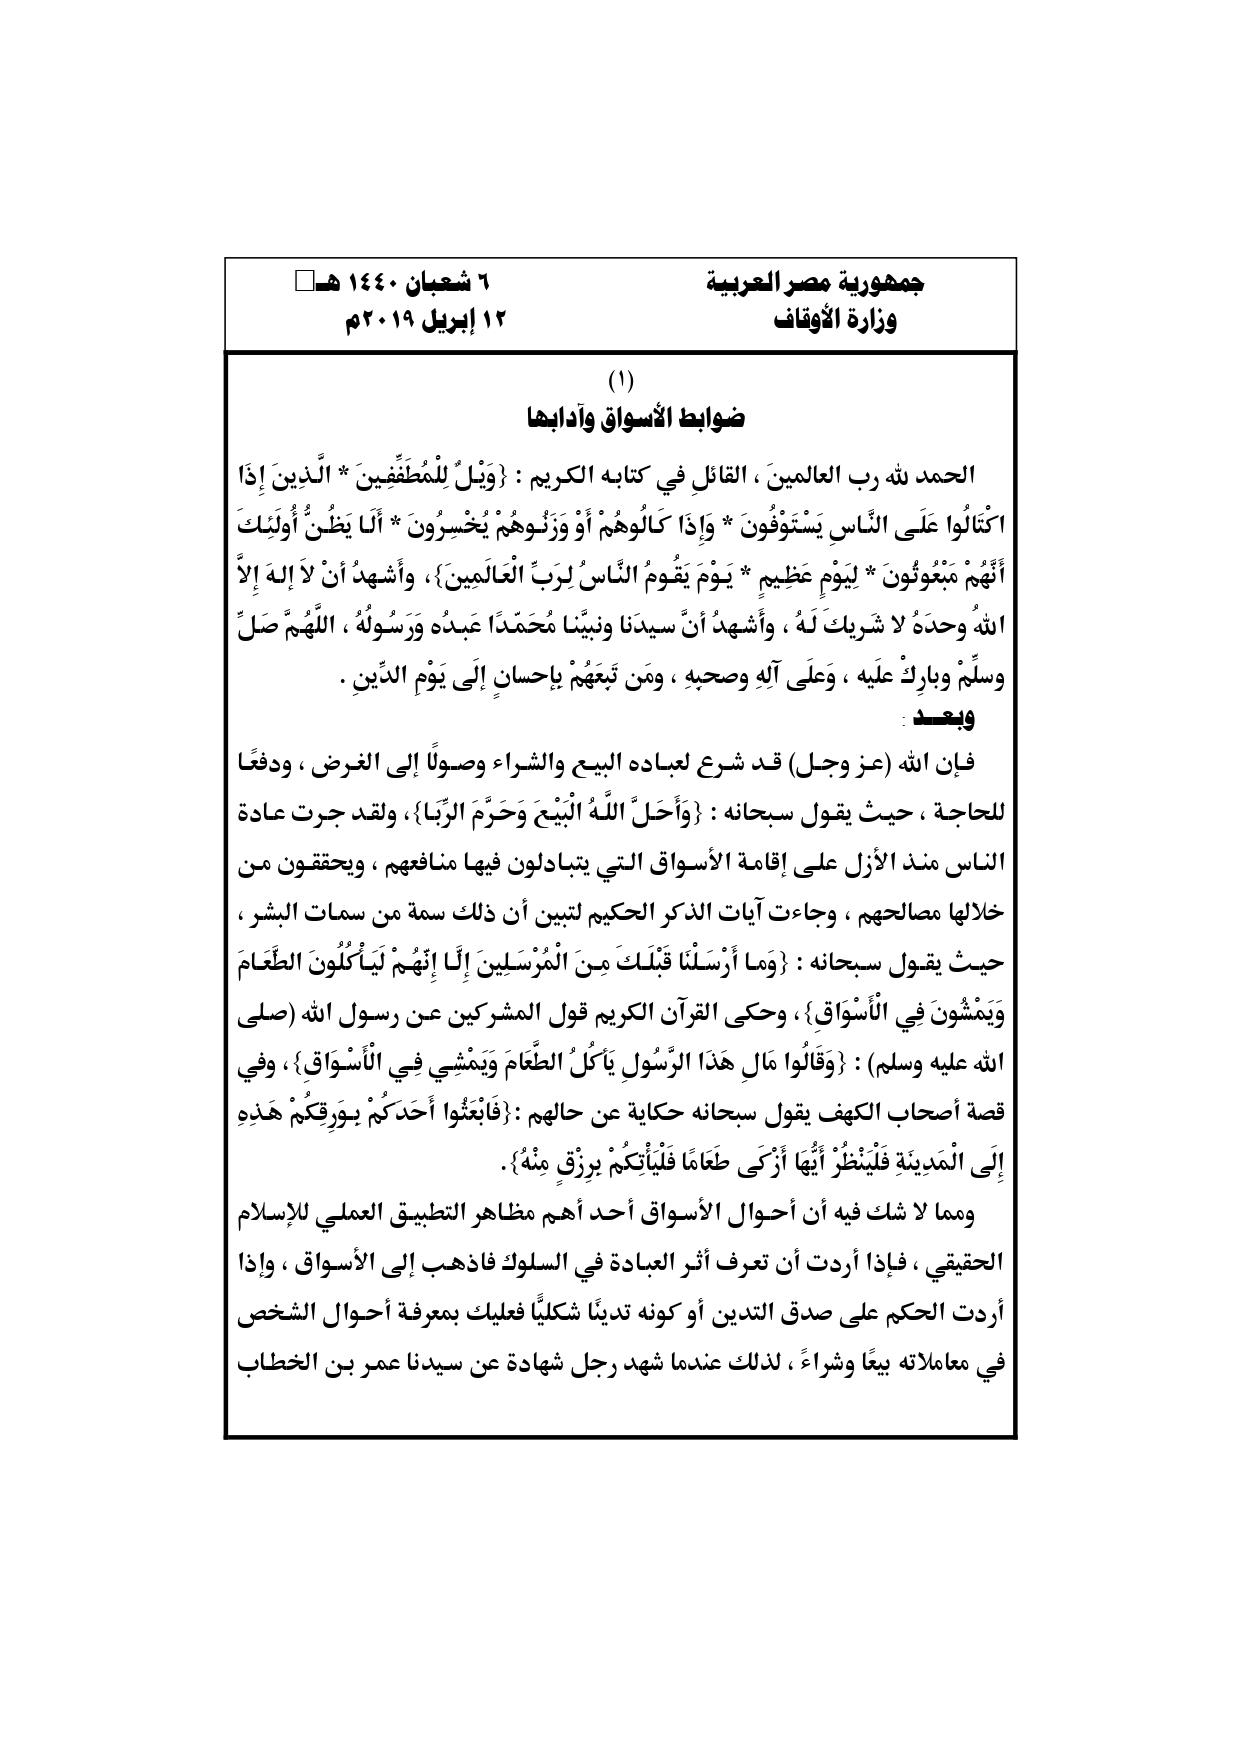 خطبة الجمعة لهذا اليوم ، خطبة وزارة الاوقاف المصرية ، خطبة الجمعة القادمة، خطبة وزارة الأوقاف، خطبة الجمعة القادمة لوزارة الأوقاف المصرية